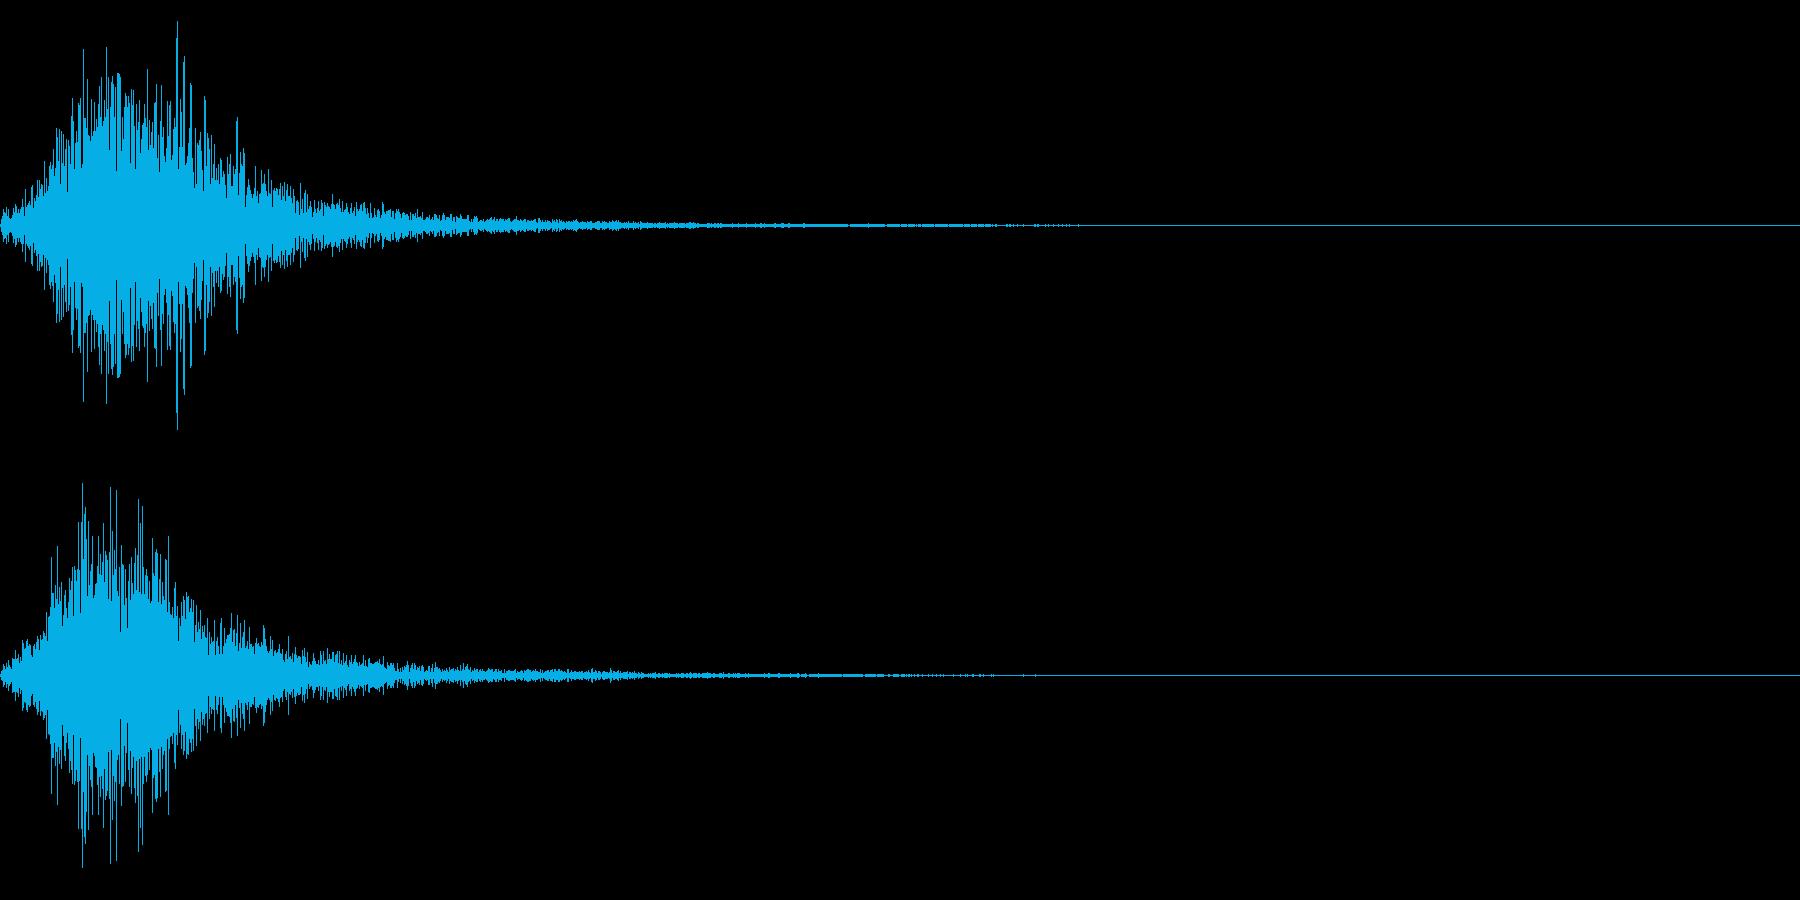 オーケストラによる~ジャン~の再生済みの波形